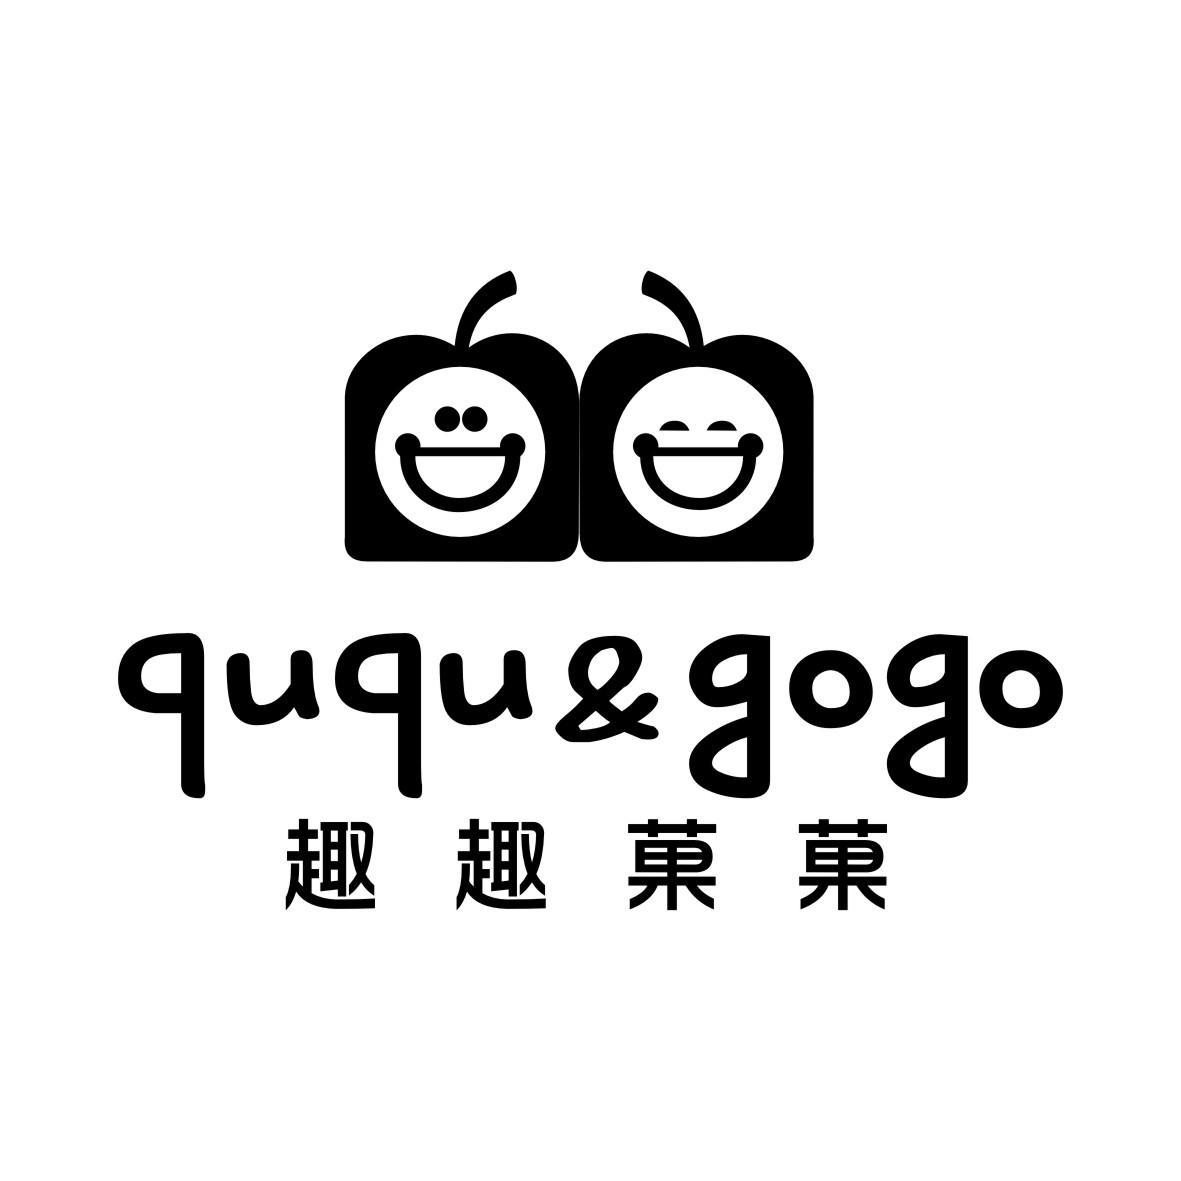 趣趣菓菓QUQU&GOGO+图形